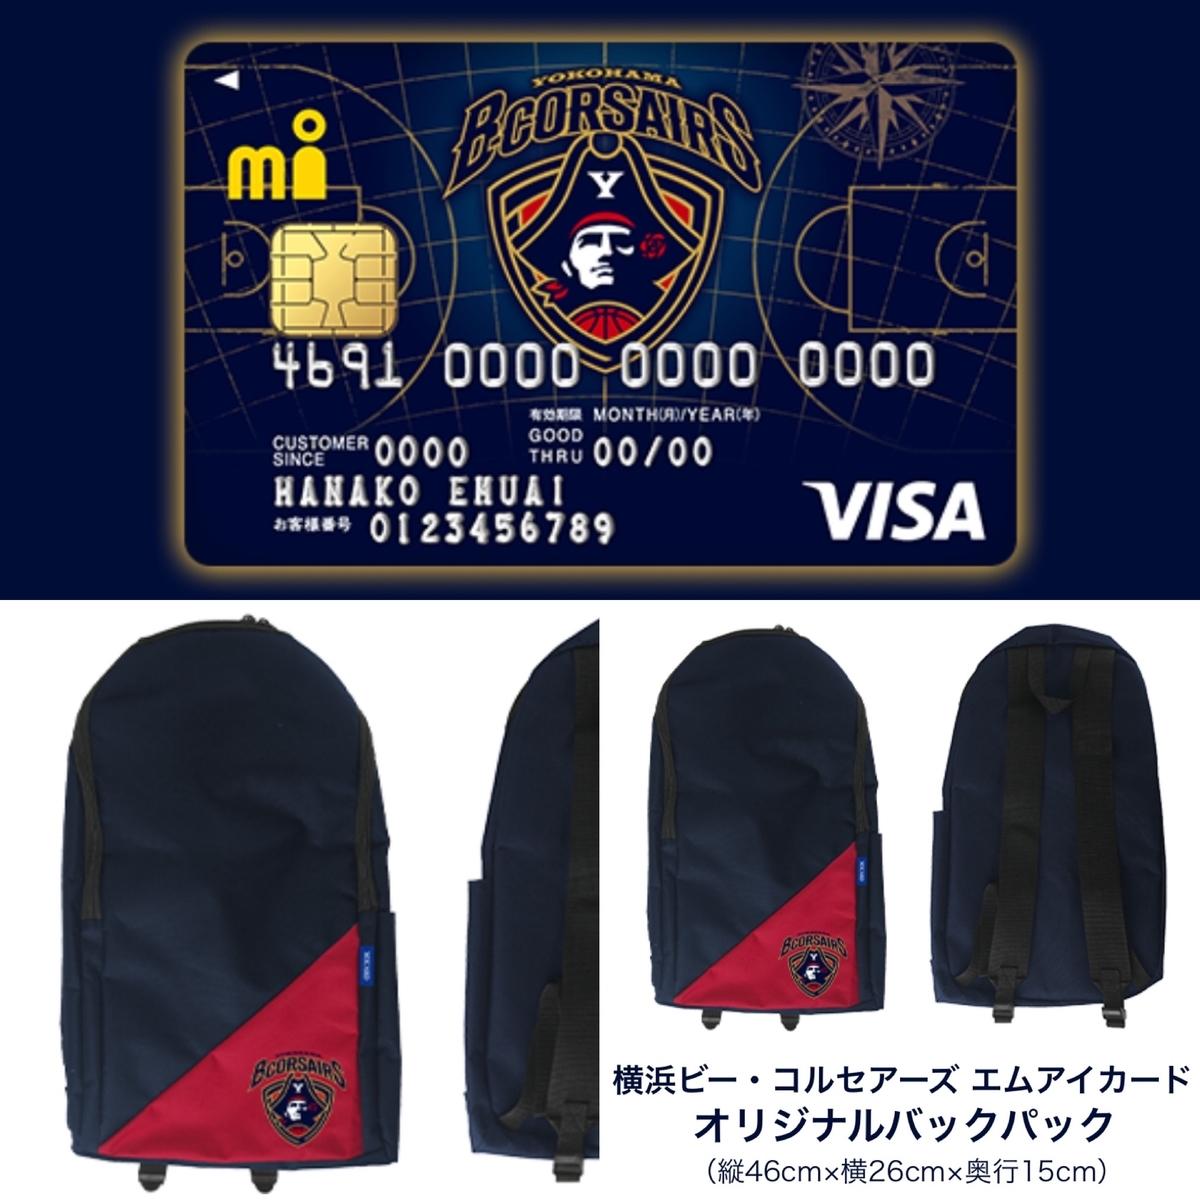 Bリーグ クレジットカード ビー コンセアール 横浜